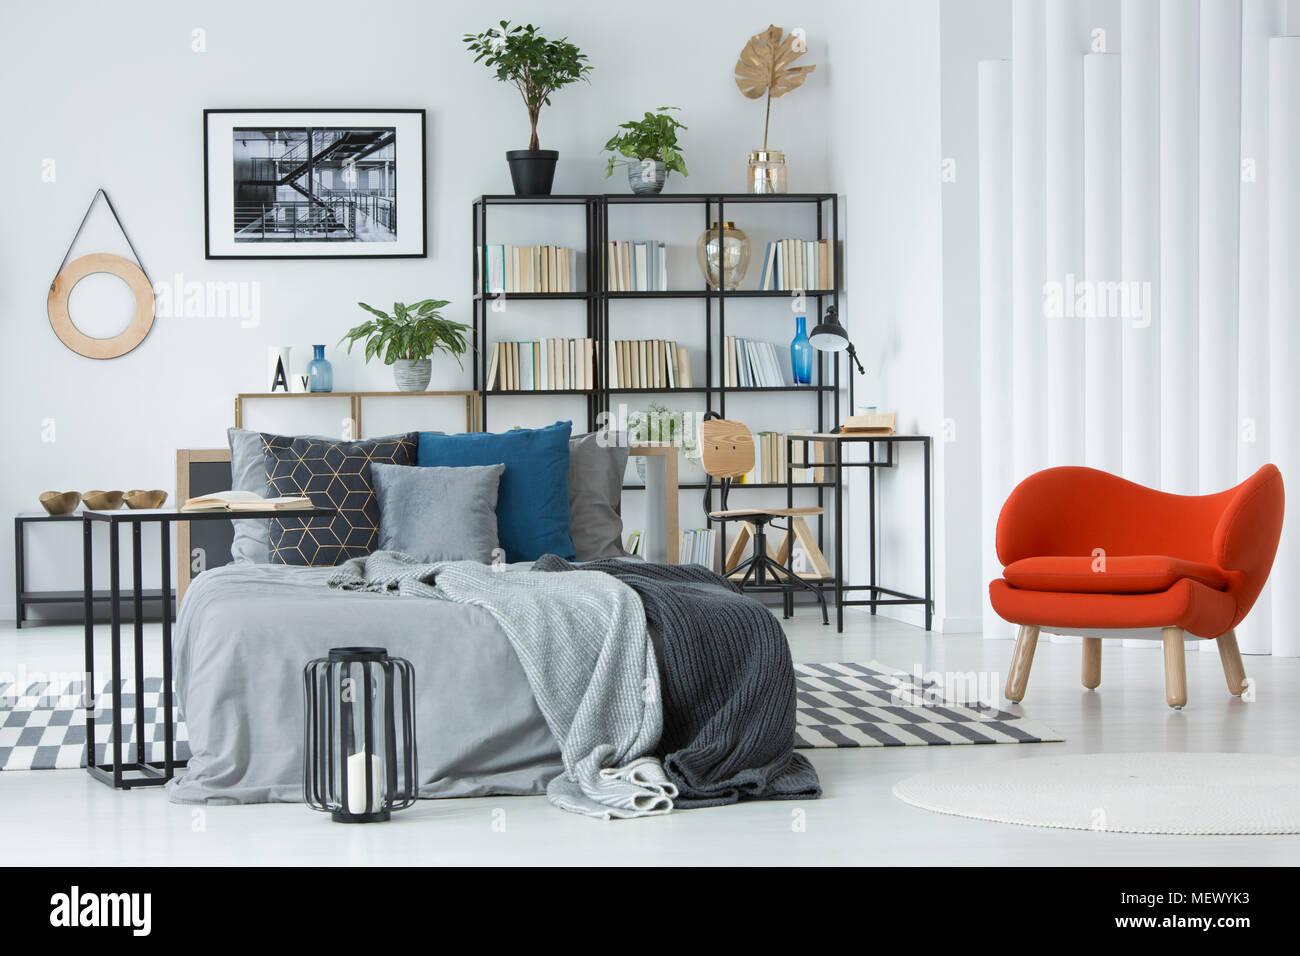 https www alamyimages fr fauteuil orange a cote du lit dans la chambre grise avec interieur poster sur mur blanc au dessus de bookshelf image181279367 html